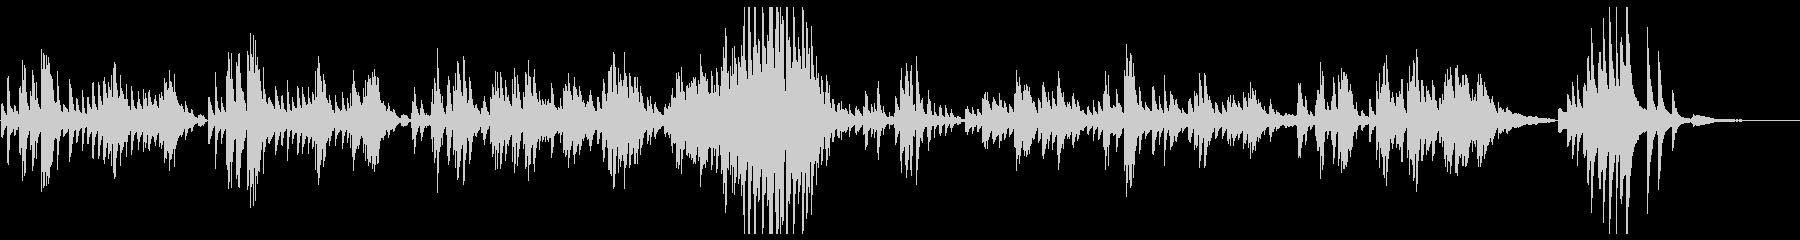 ラヴェル ソナチネ2 メヌエットの未再生の波形